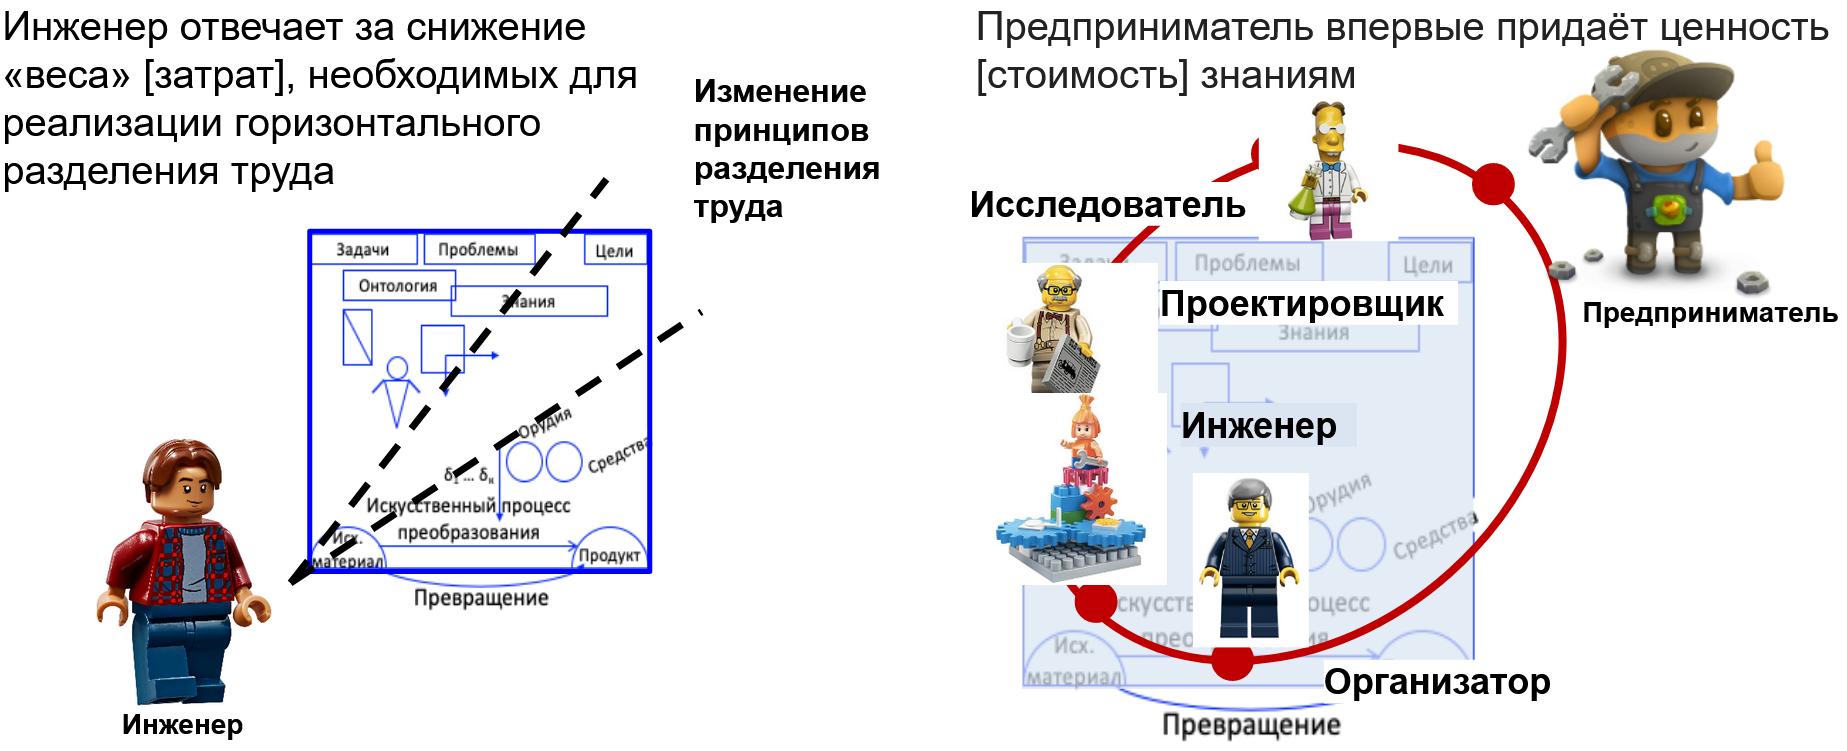 предприниматель и инженер на схеме систем разделения труда